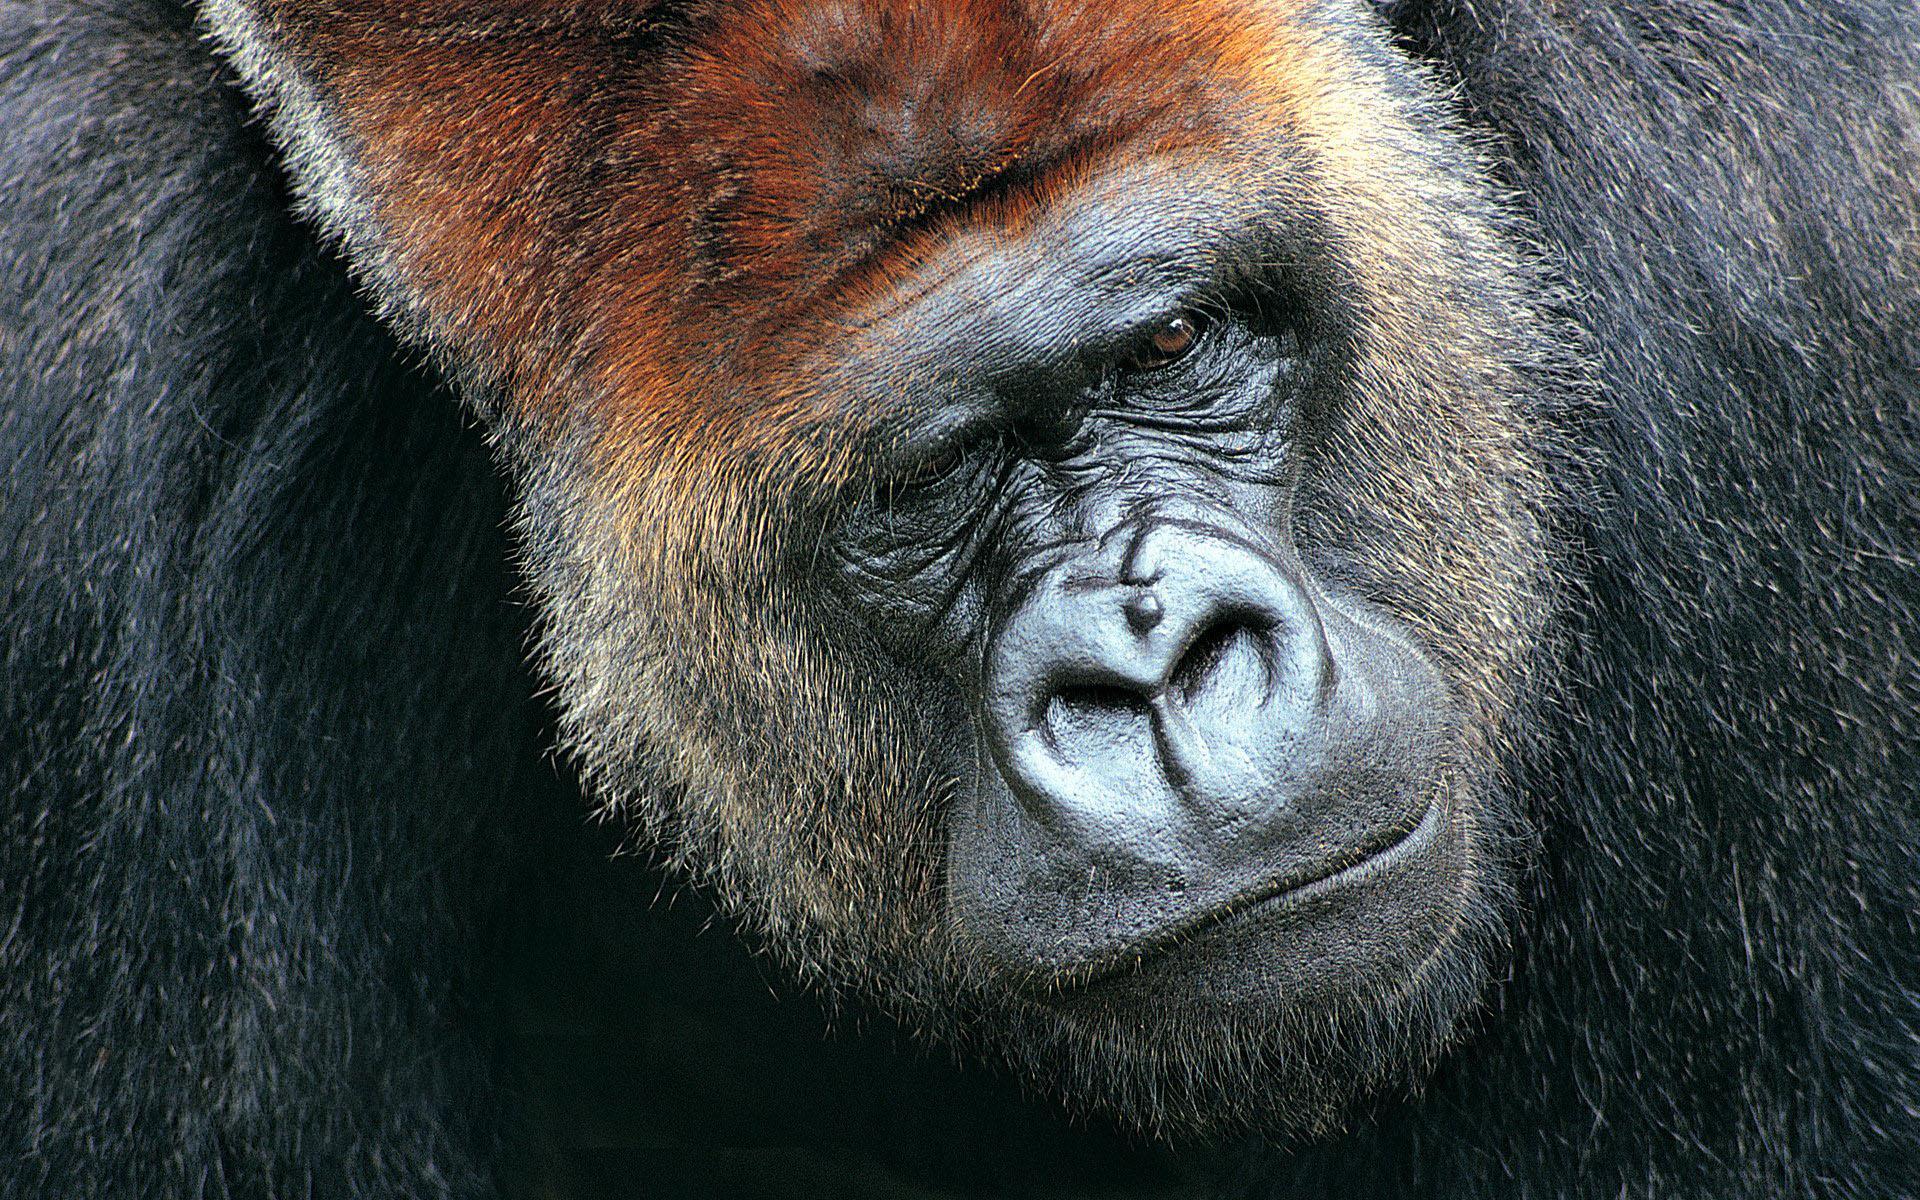 动物世界-猩猩猴子(1920x1200)壁纸 - 桌面壁纸【壁纸